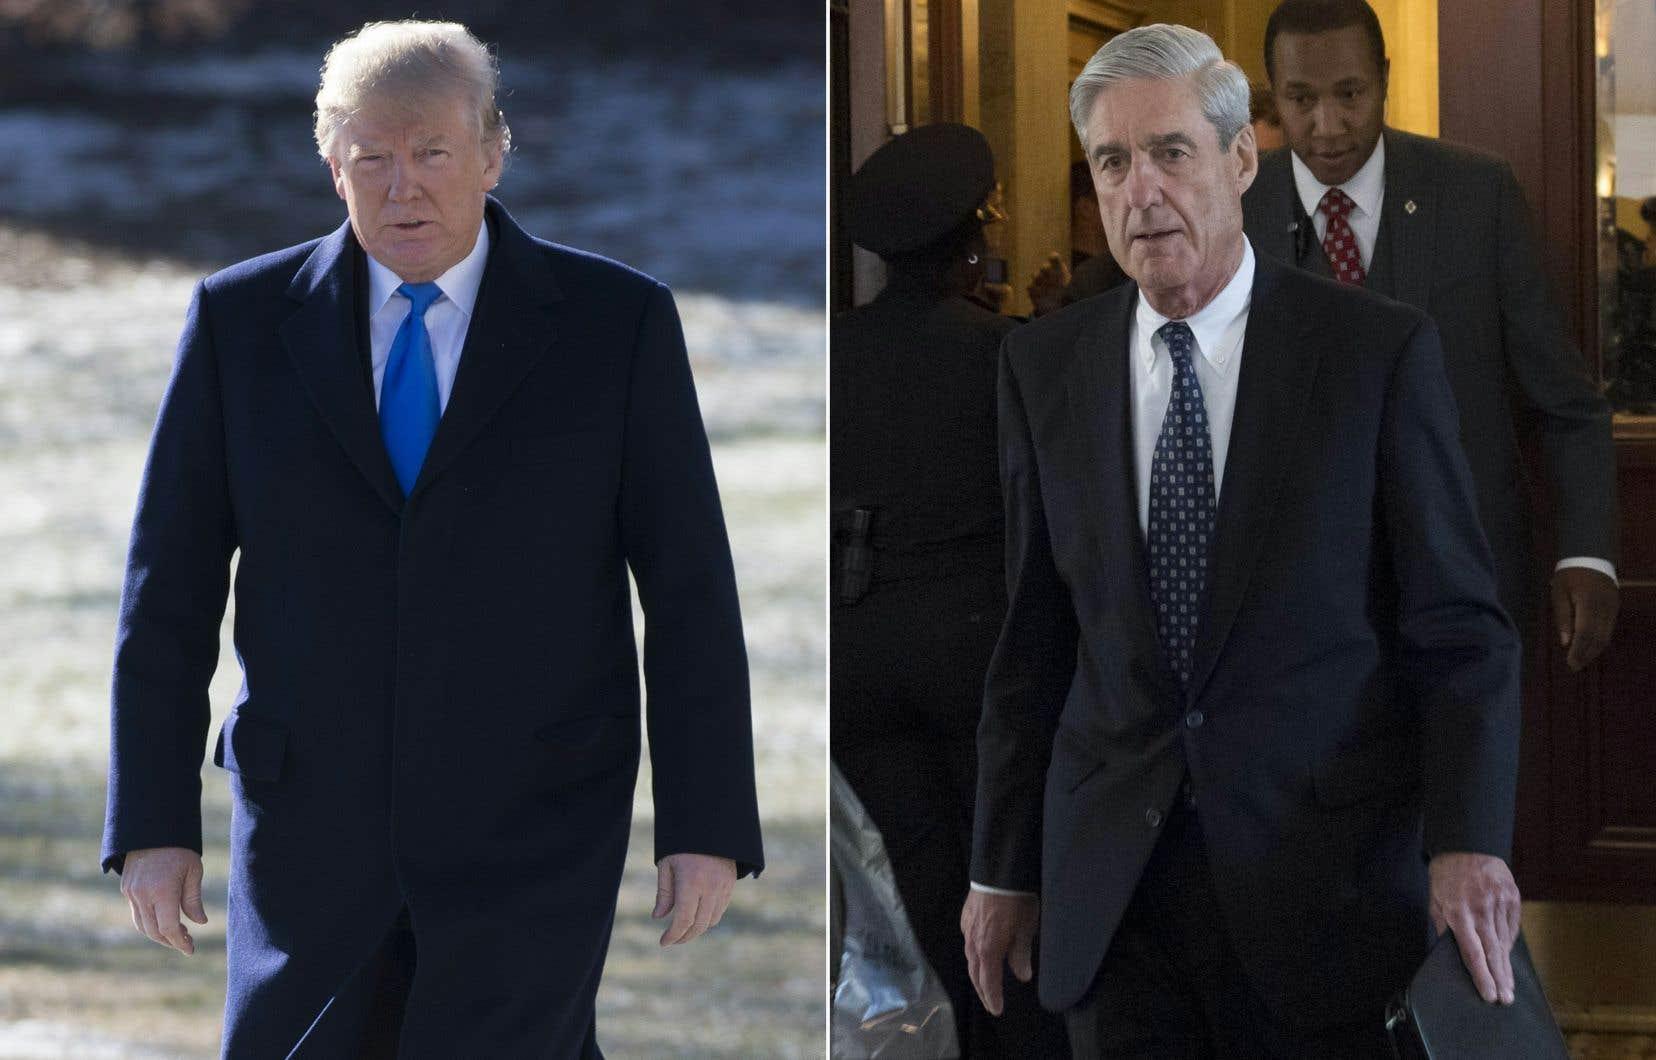 Robert Mueller a pour mission de déterminer les responsables et complices des ingérences russes dans la campagne présidentielle, et une éventuelle collusion entre l'équipe de campagne de Donald Trump et la Russie.